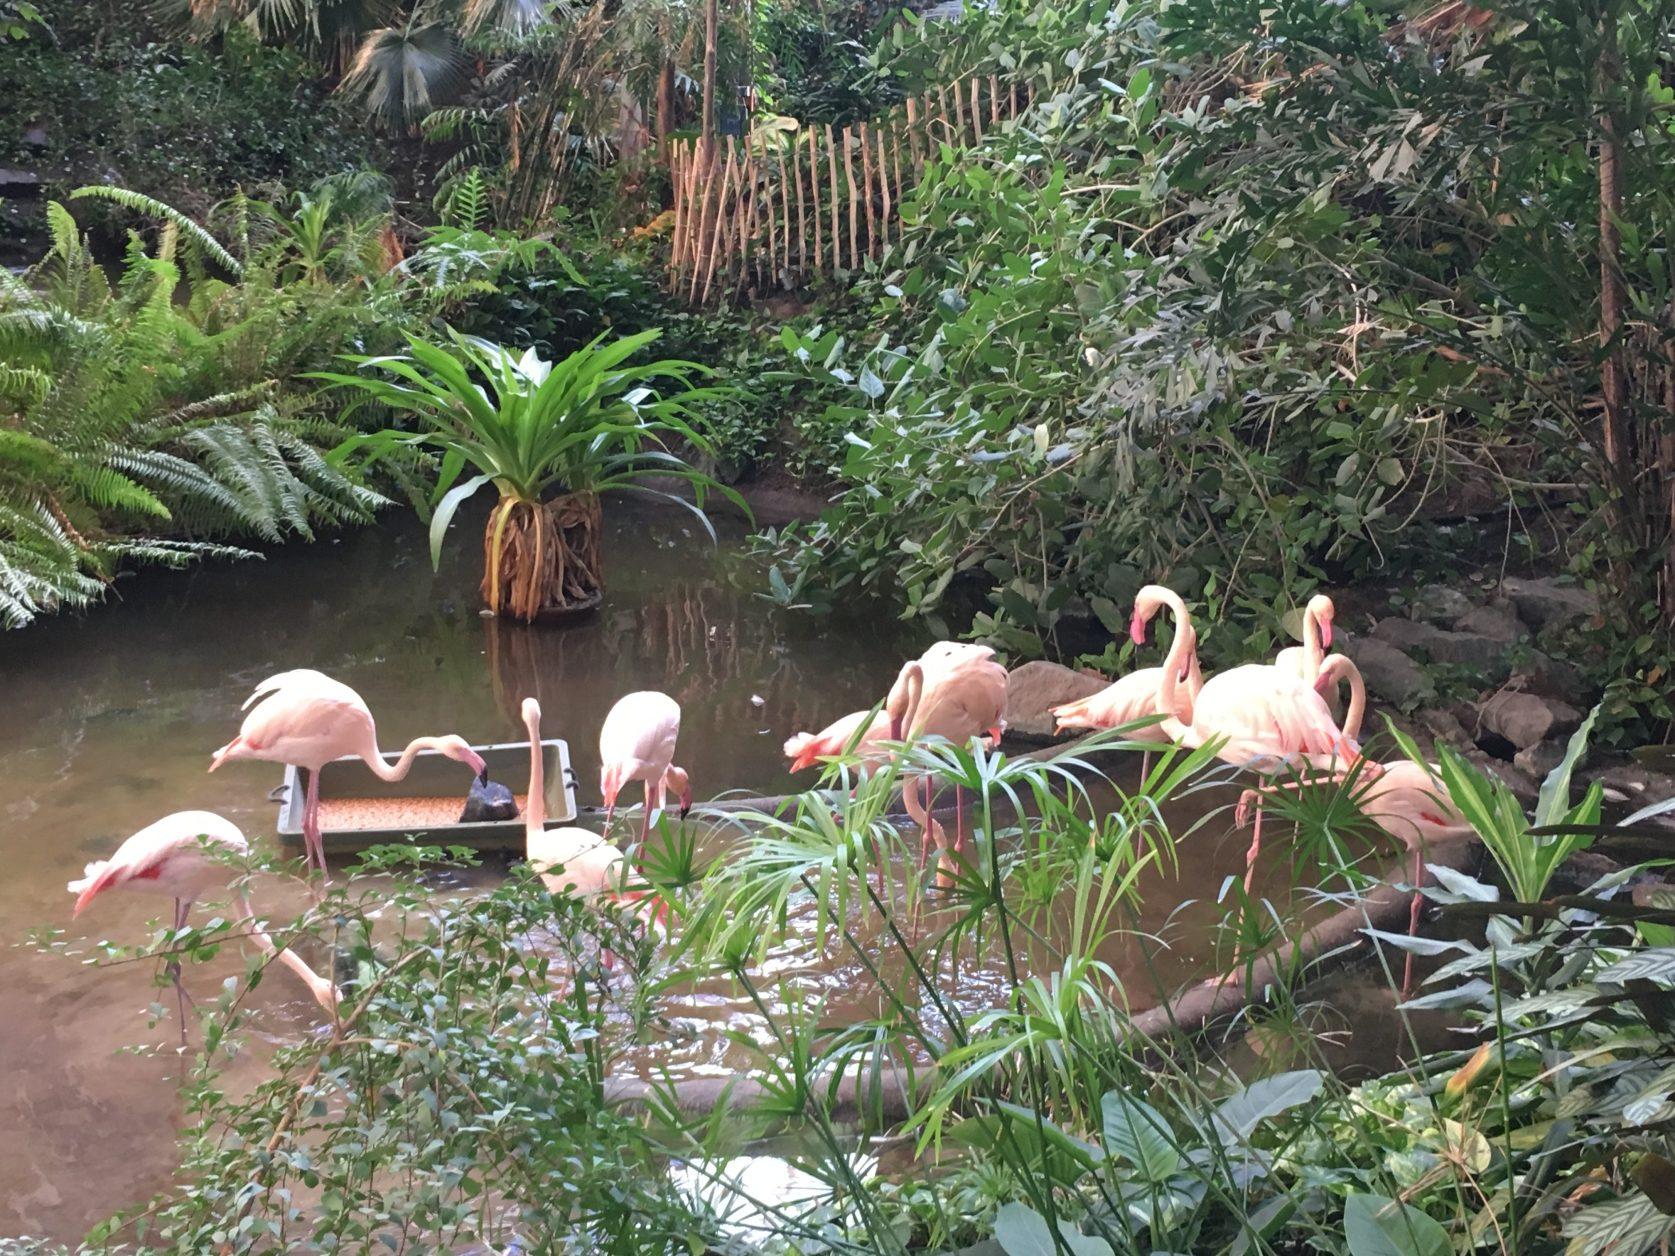 Den Flamingos geht es schein ganz gut bei 25 Grad, Foto: D.Weirauch